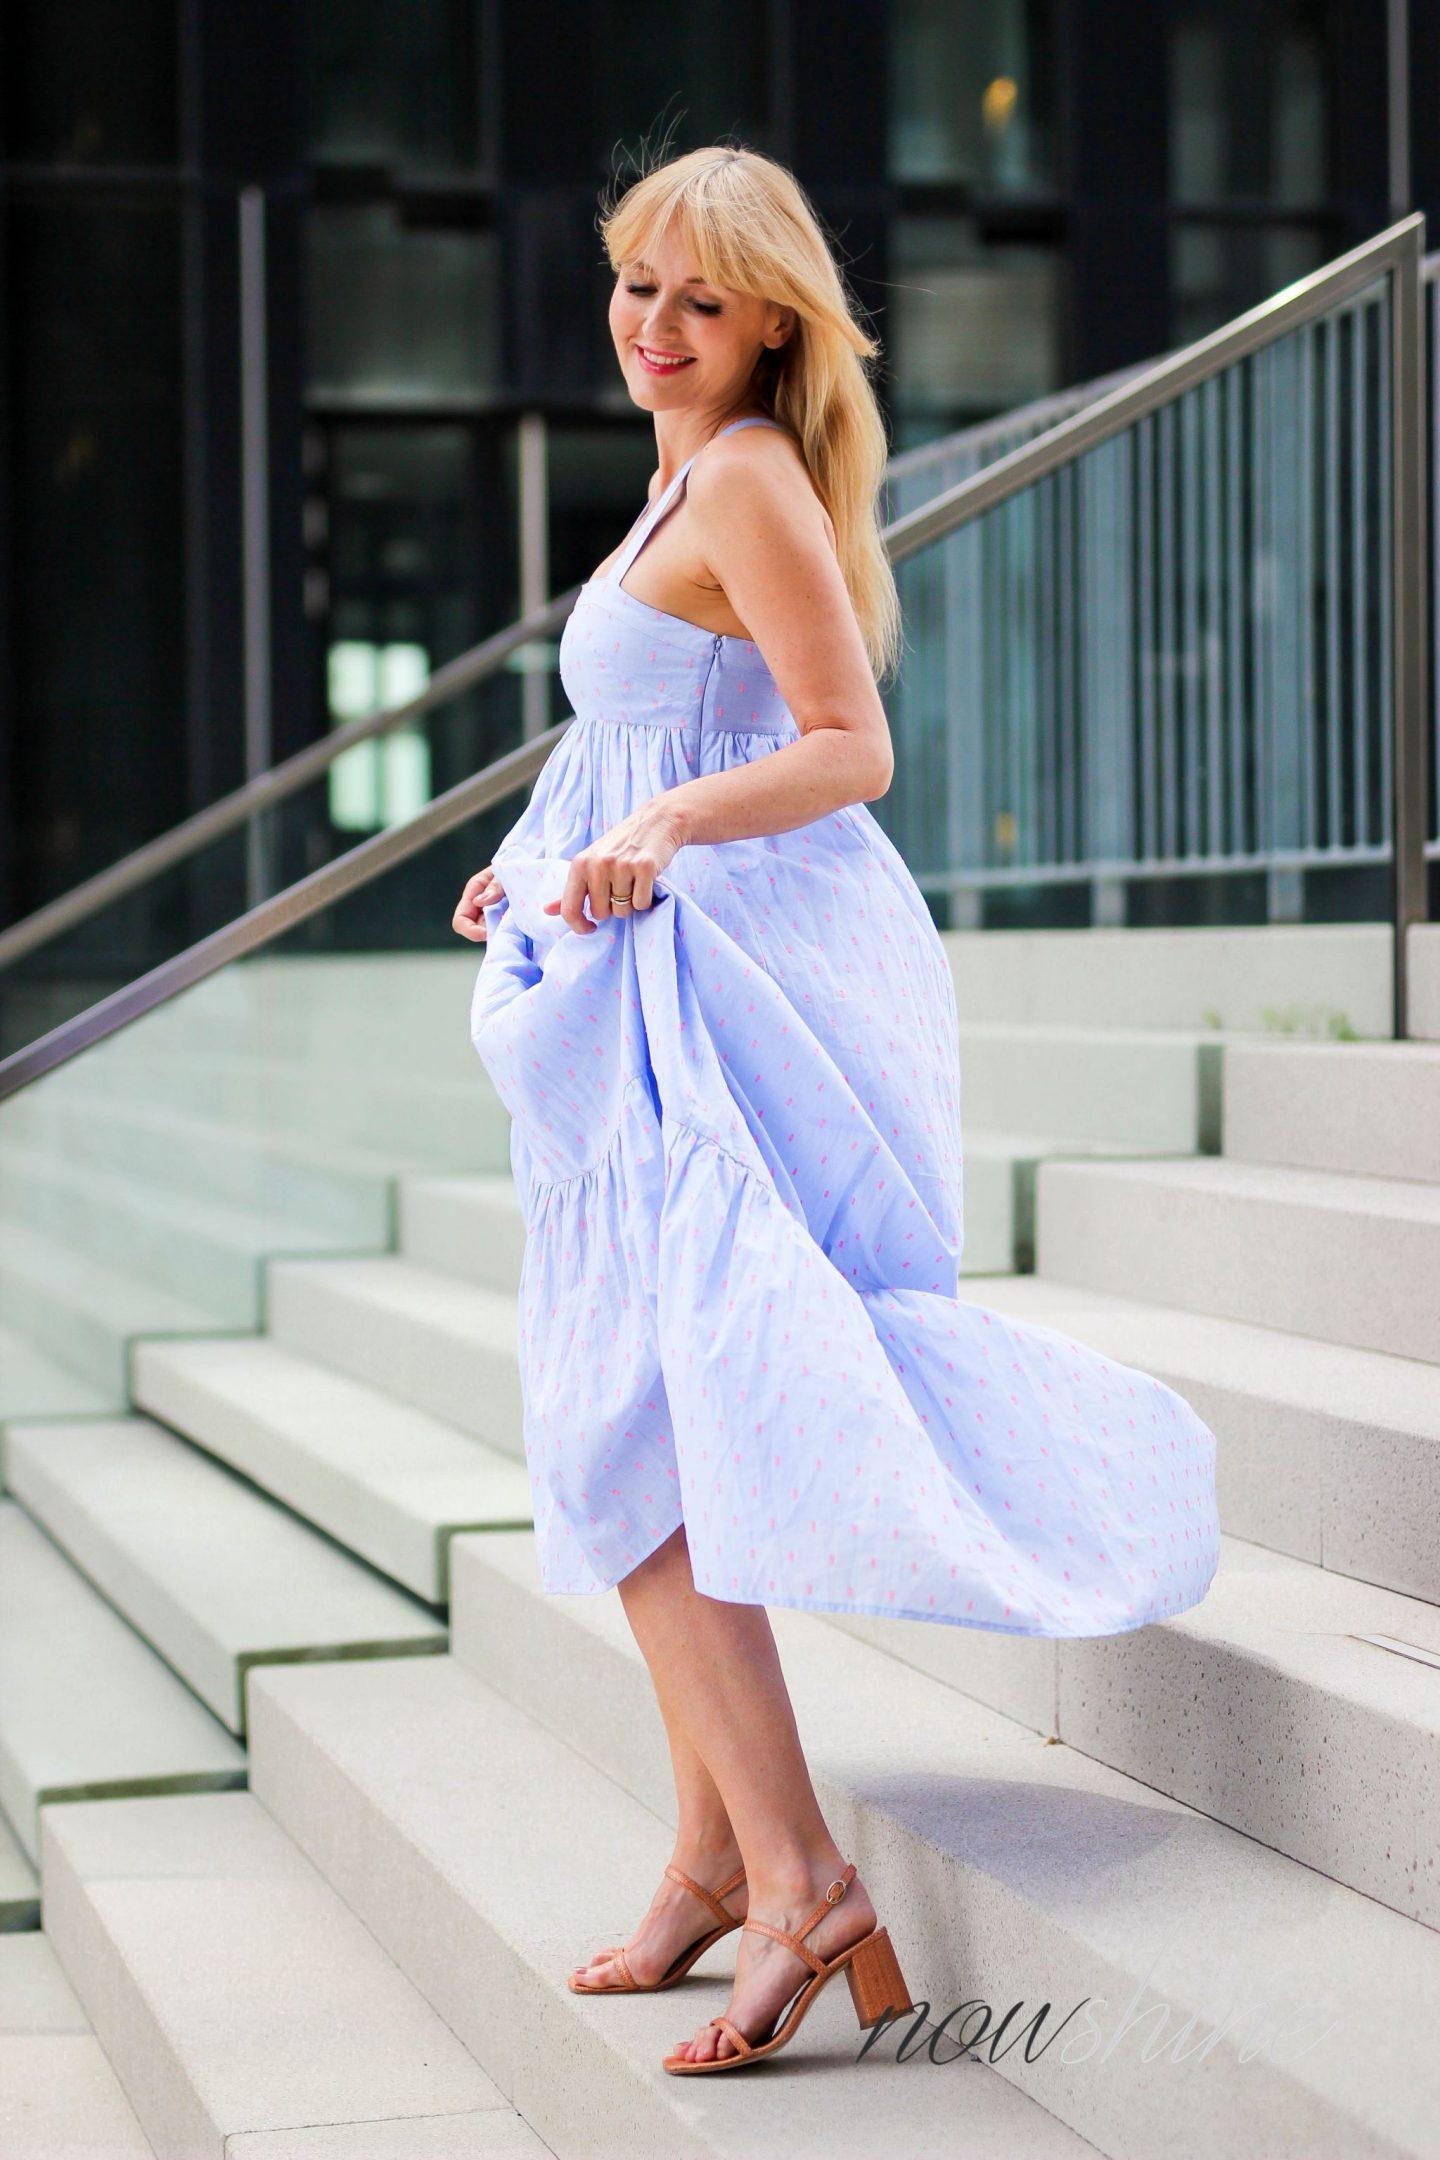 Feminine Maxikleider für den Sommer - Nowshine im Maxikleid von H&M - Fashionblog ü40